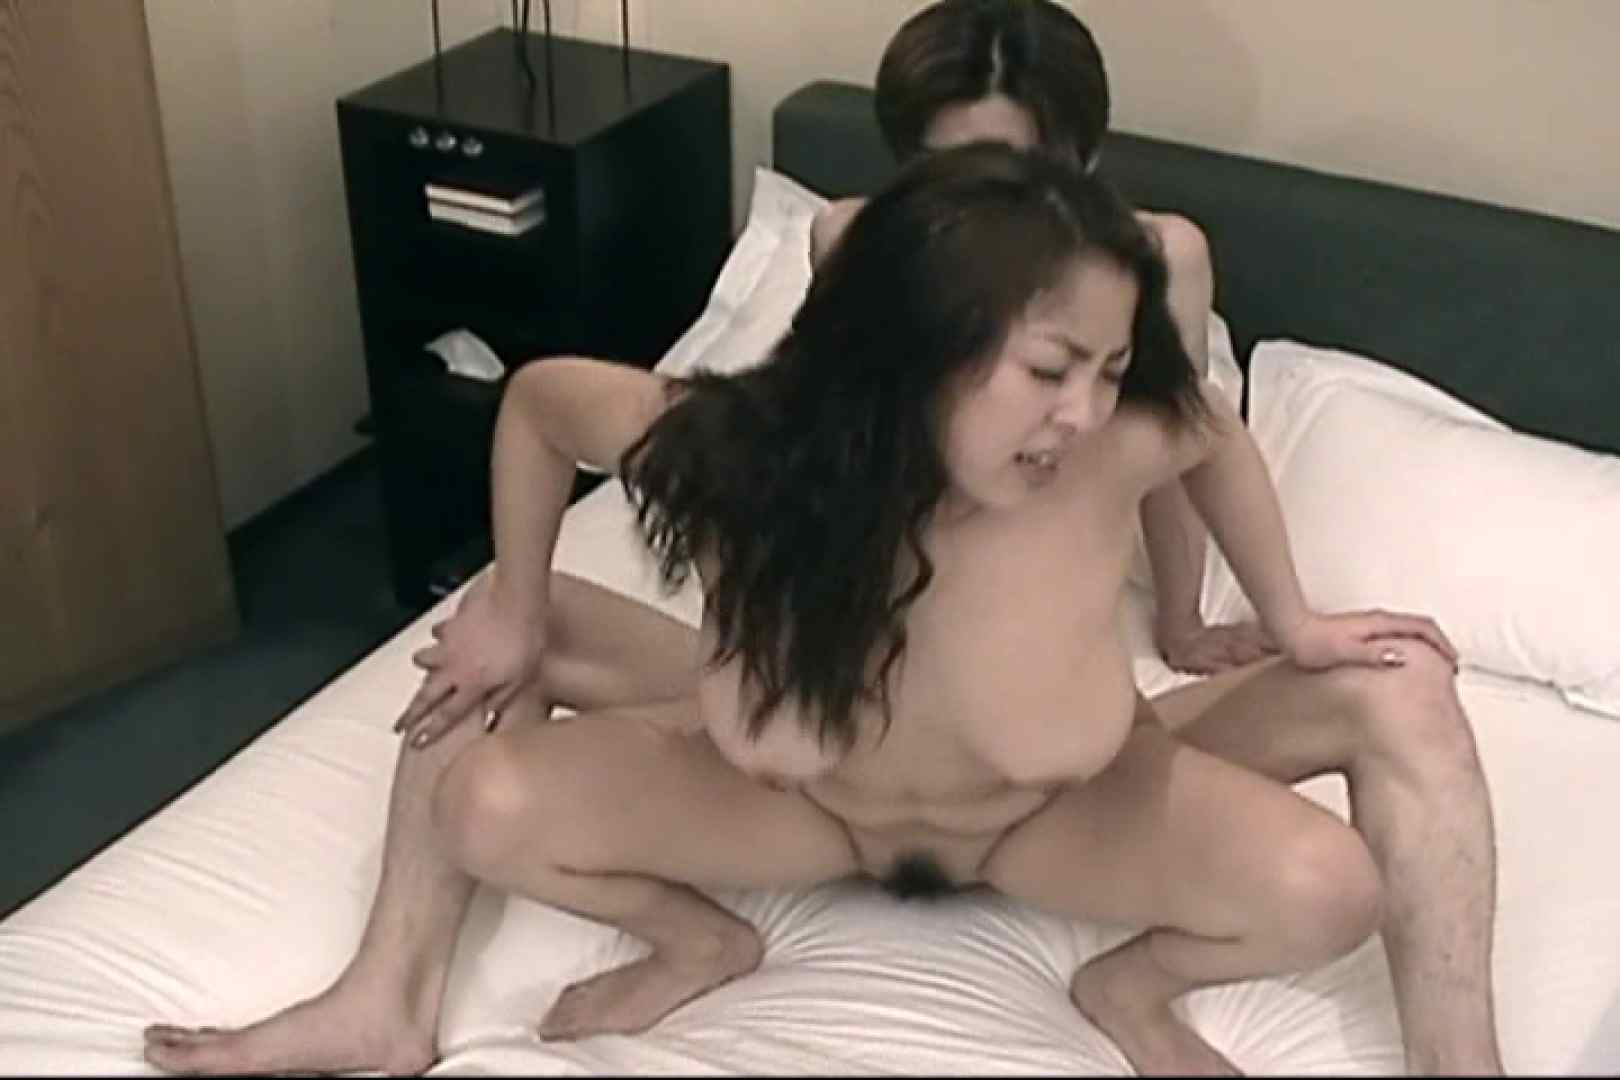 昼間の奥様は欲求不満  ~桜庭小雪~ 巨乳女子 すけべAV動画紹介 88pic 59